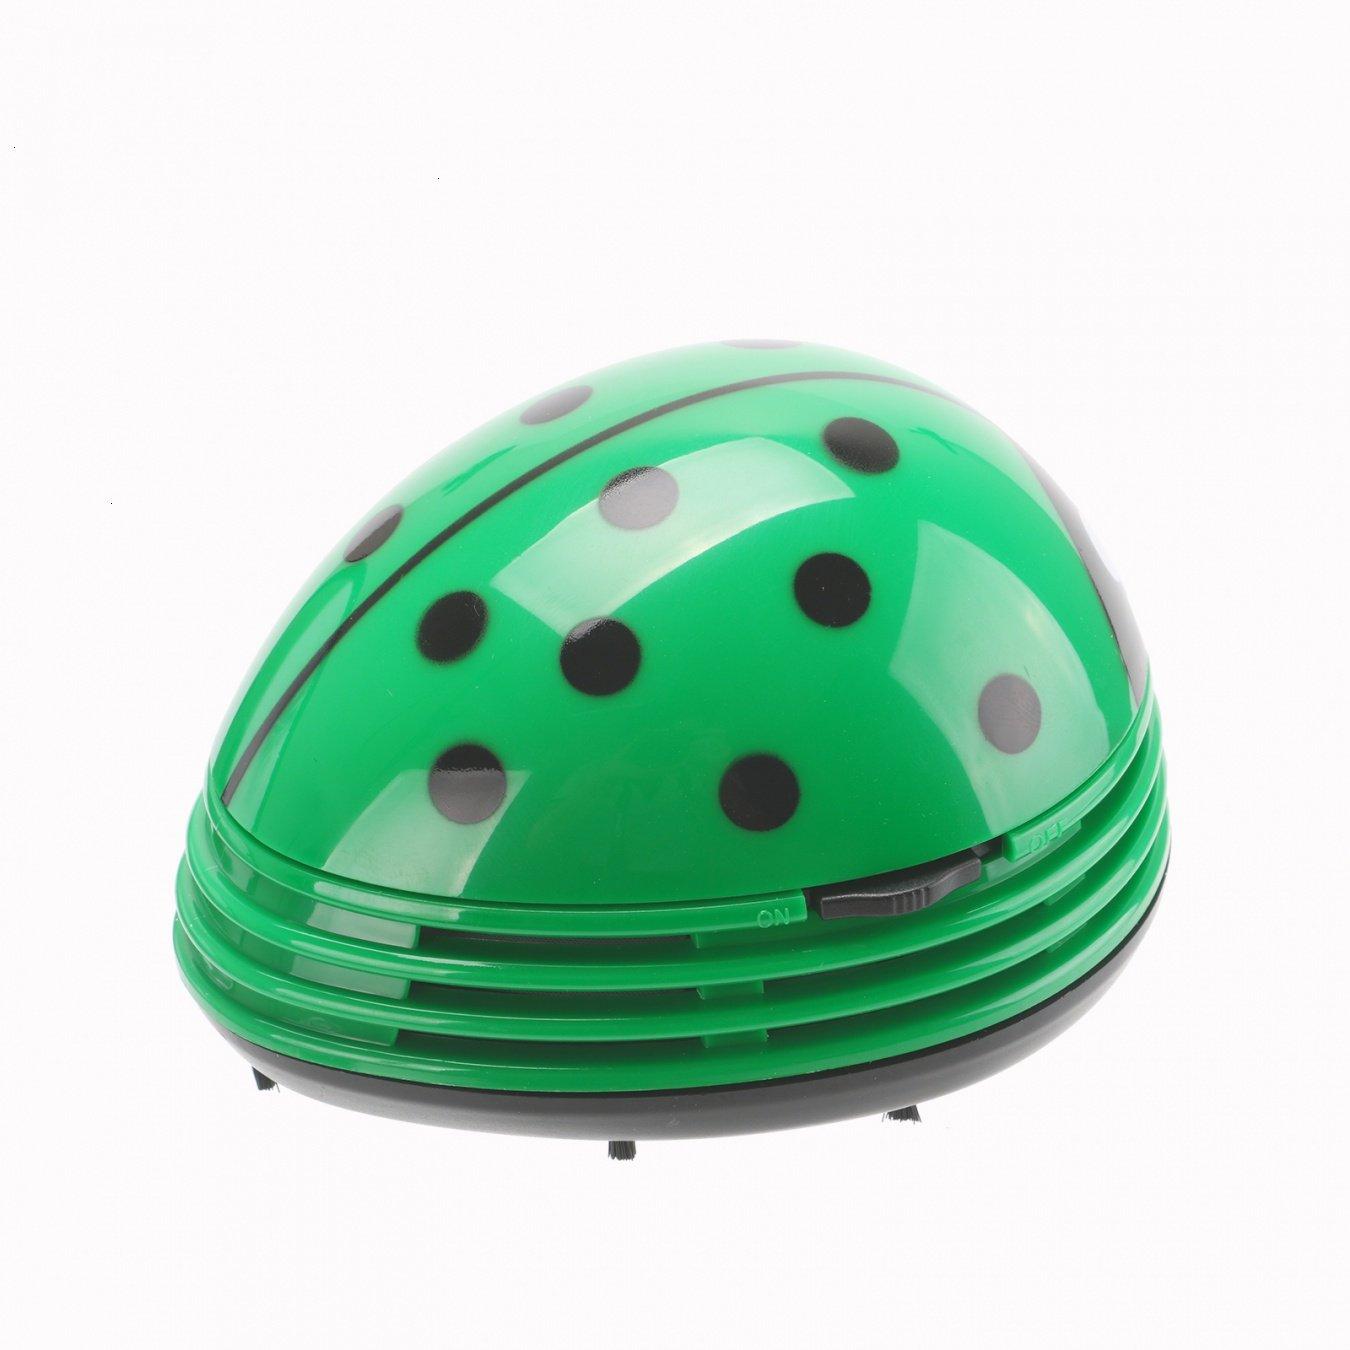 VOYEE Cute Portable Beetle Ladybug Cartoon Mini Desktop Vacuum Desk Dust Cleaner Green by VOYEE (Image #2)